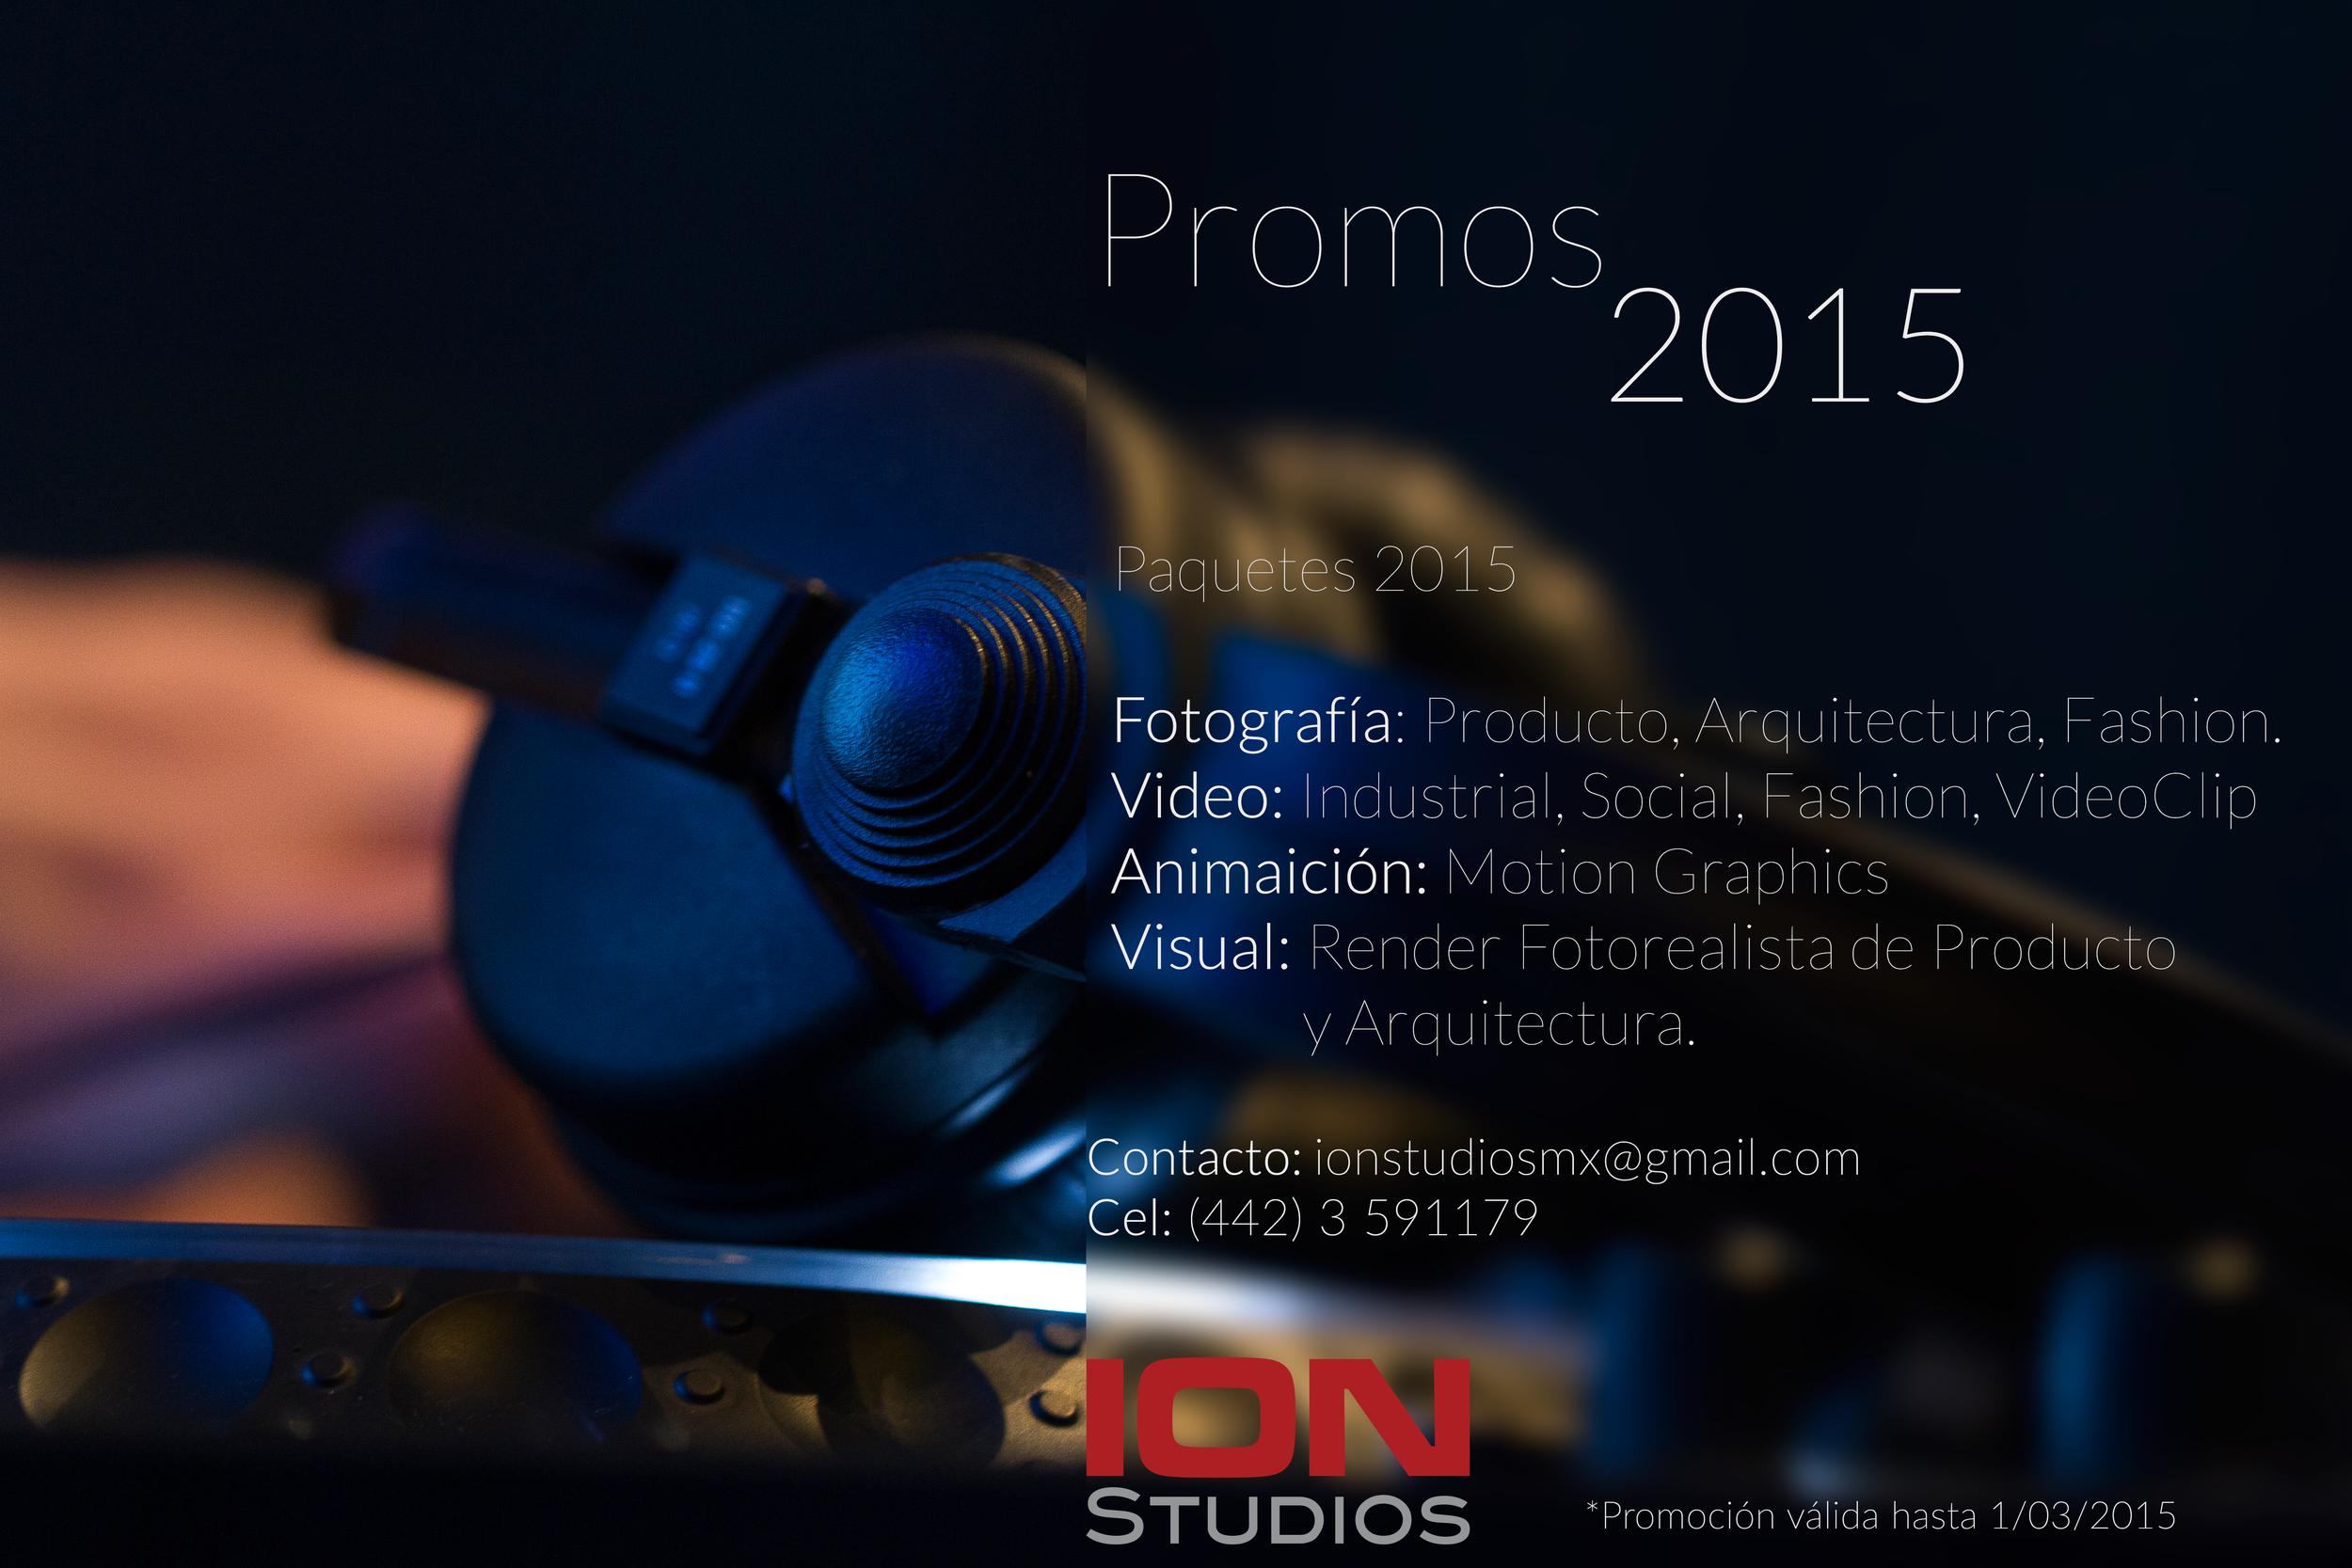 Una súper promoción de ION Studios, aprovéchala! durará muy poco tiempo